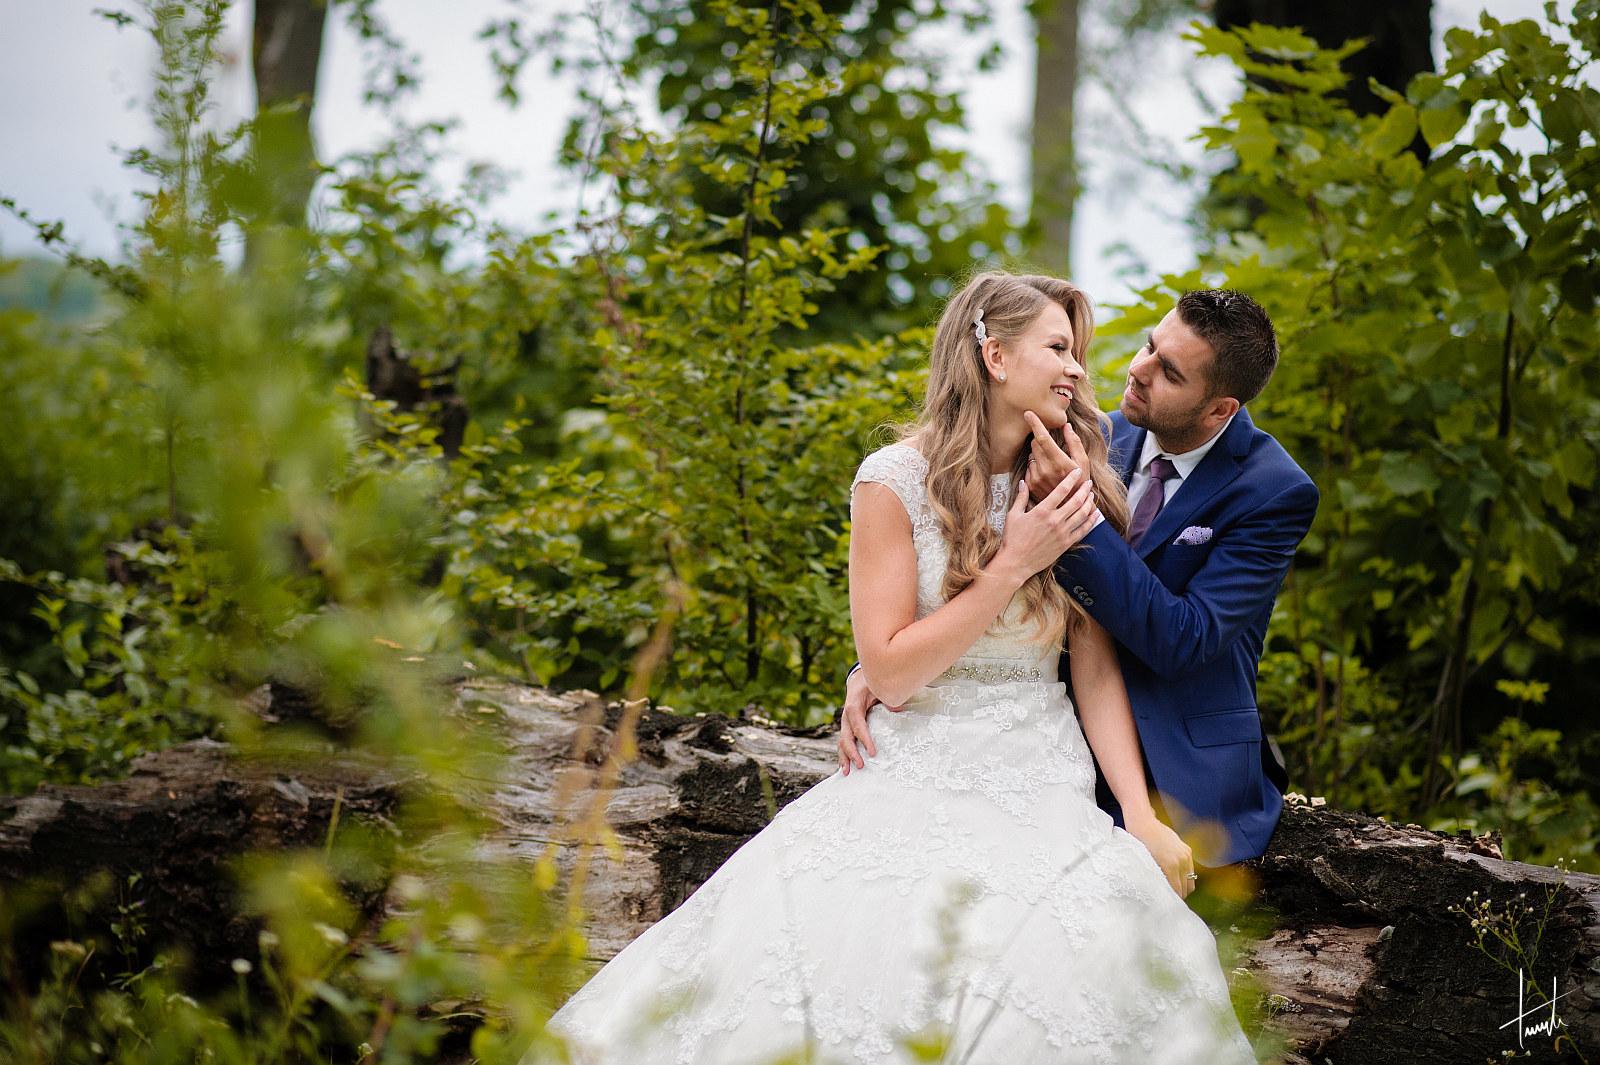 Ana-Maria Mihai - fotograf nunta 14